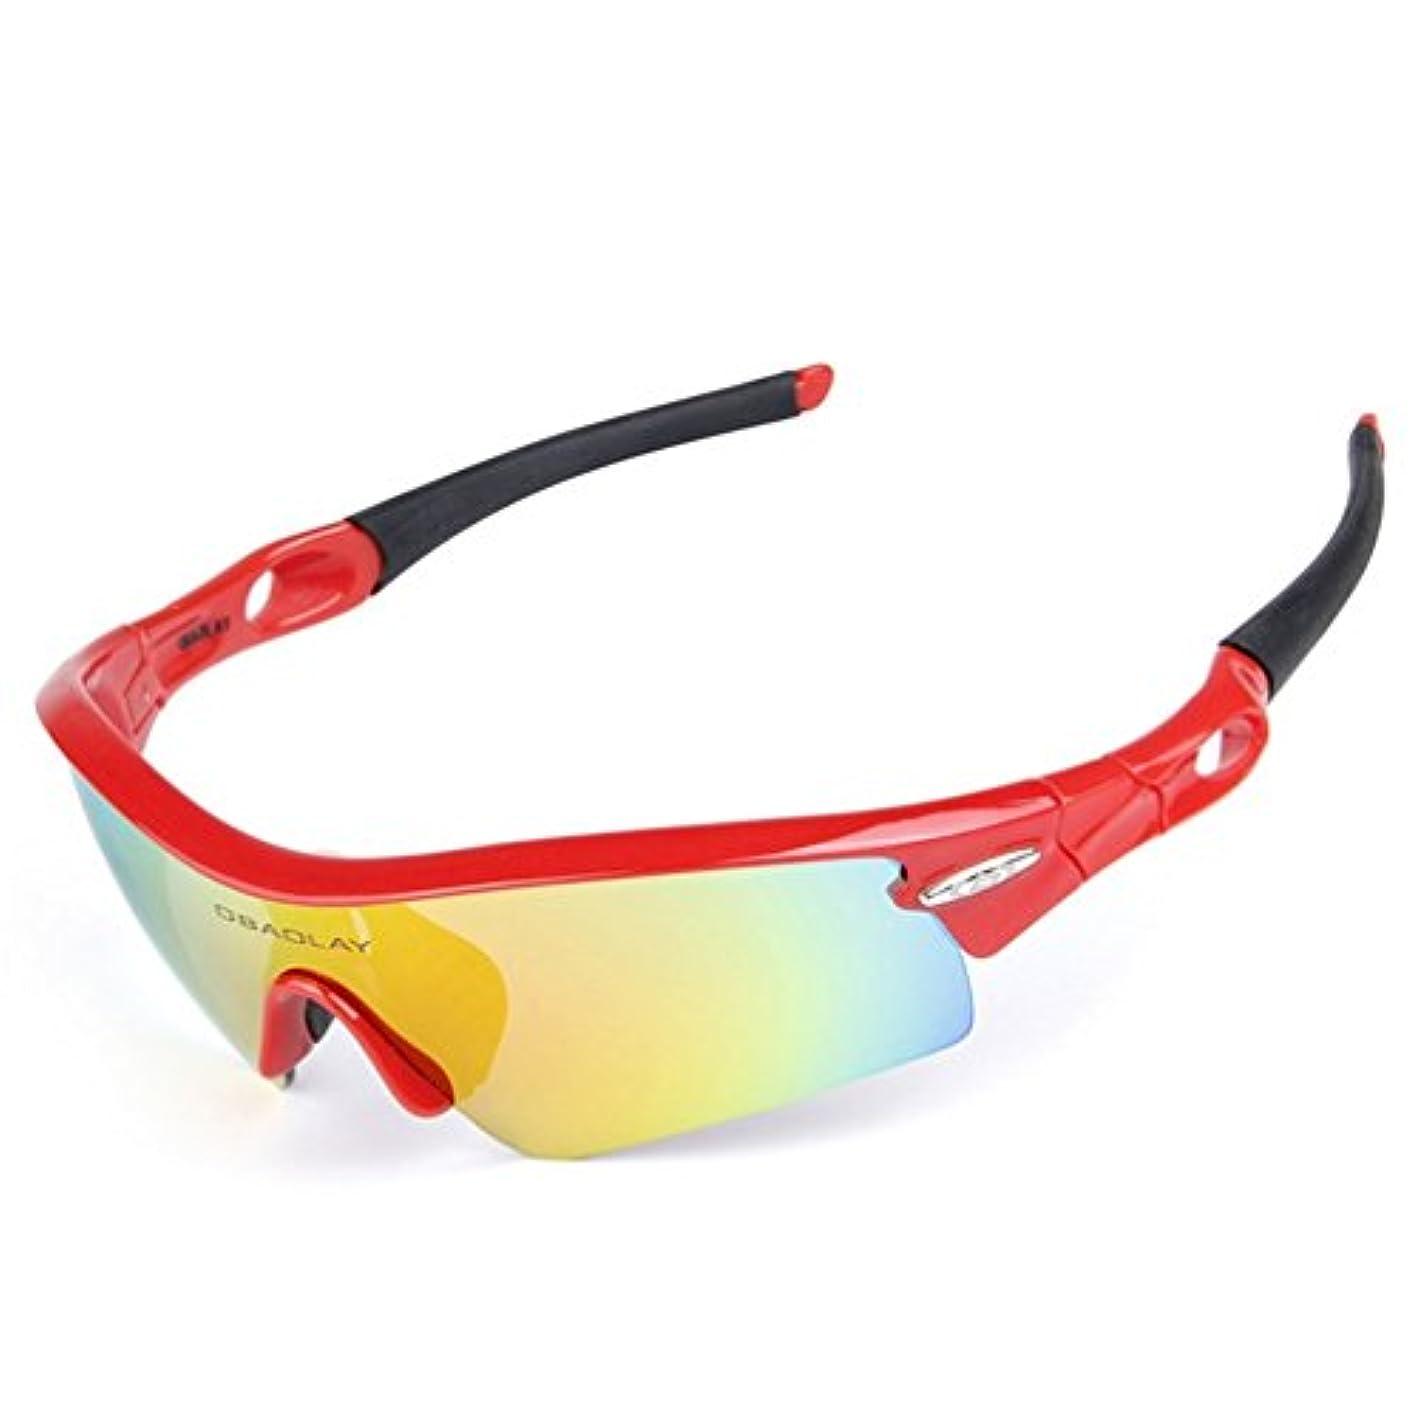 お手伝いさん包括的健康Lorsoul 偏光スポーツサングラス 交換可能なレンズ5枚付き TR90 割れないグラス メンズ レディース サイクリング 運転 ランニング バイキング ゴルフ